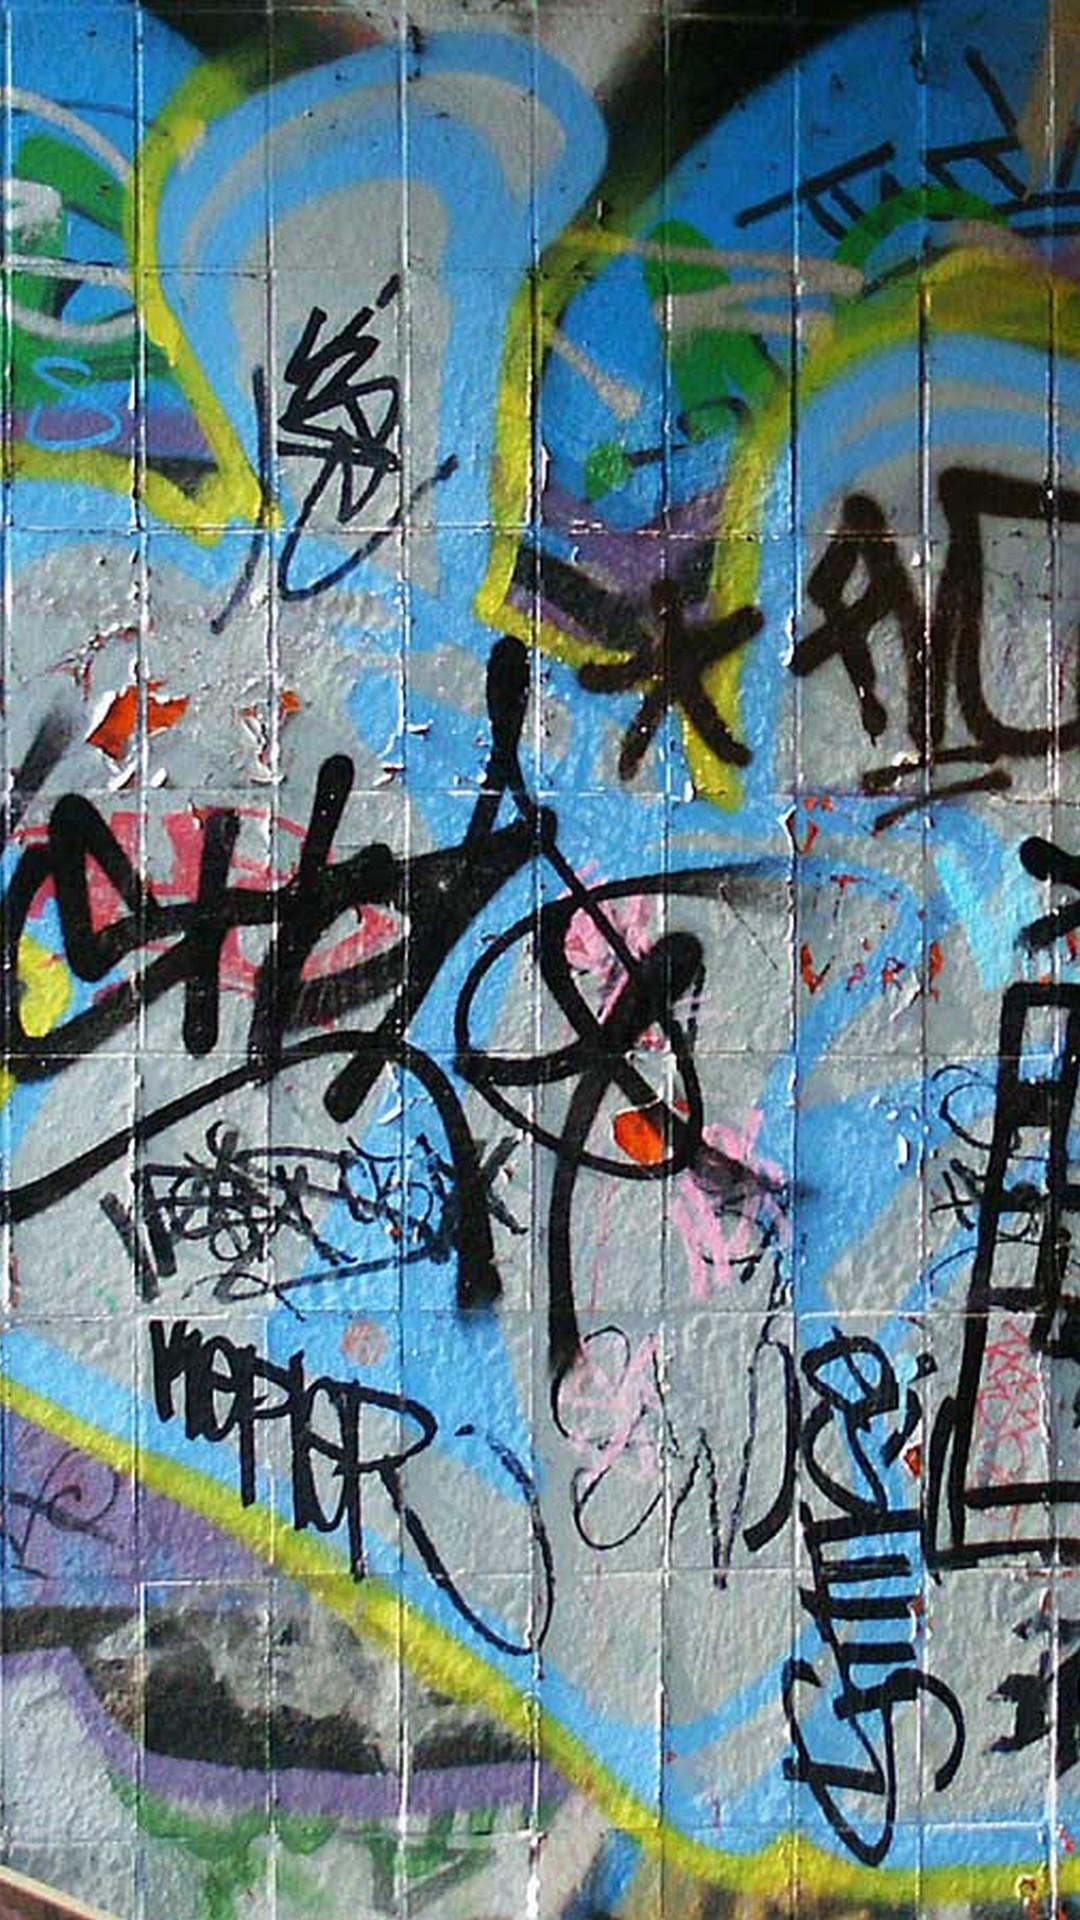 Graffiti Street Wall Art